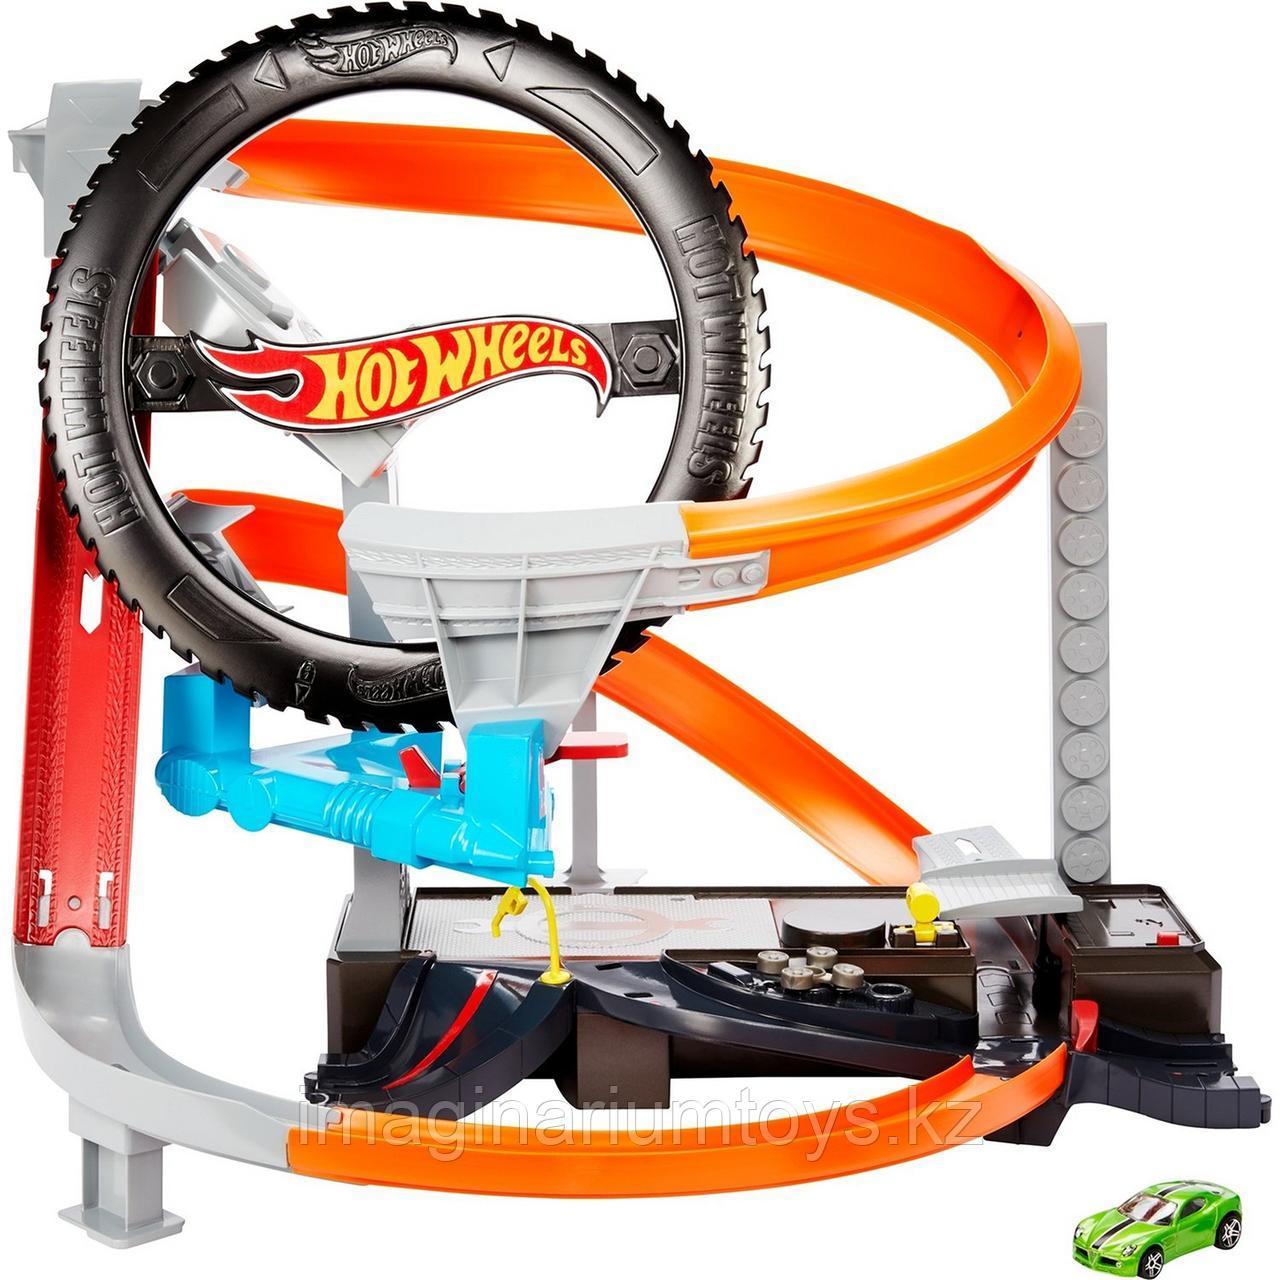 Трек Hot Wheels моторизованный «Шиномонтажная мастерская» - фото 2